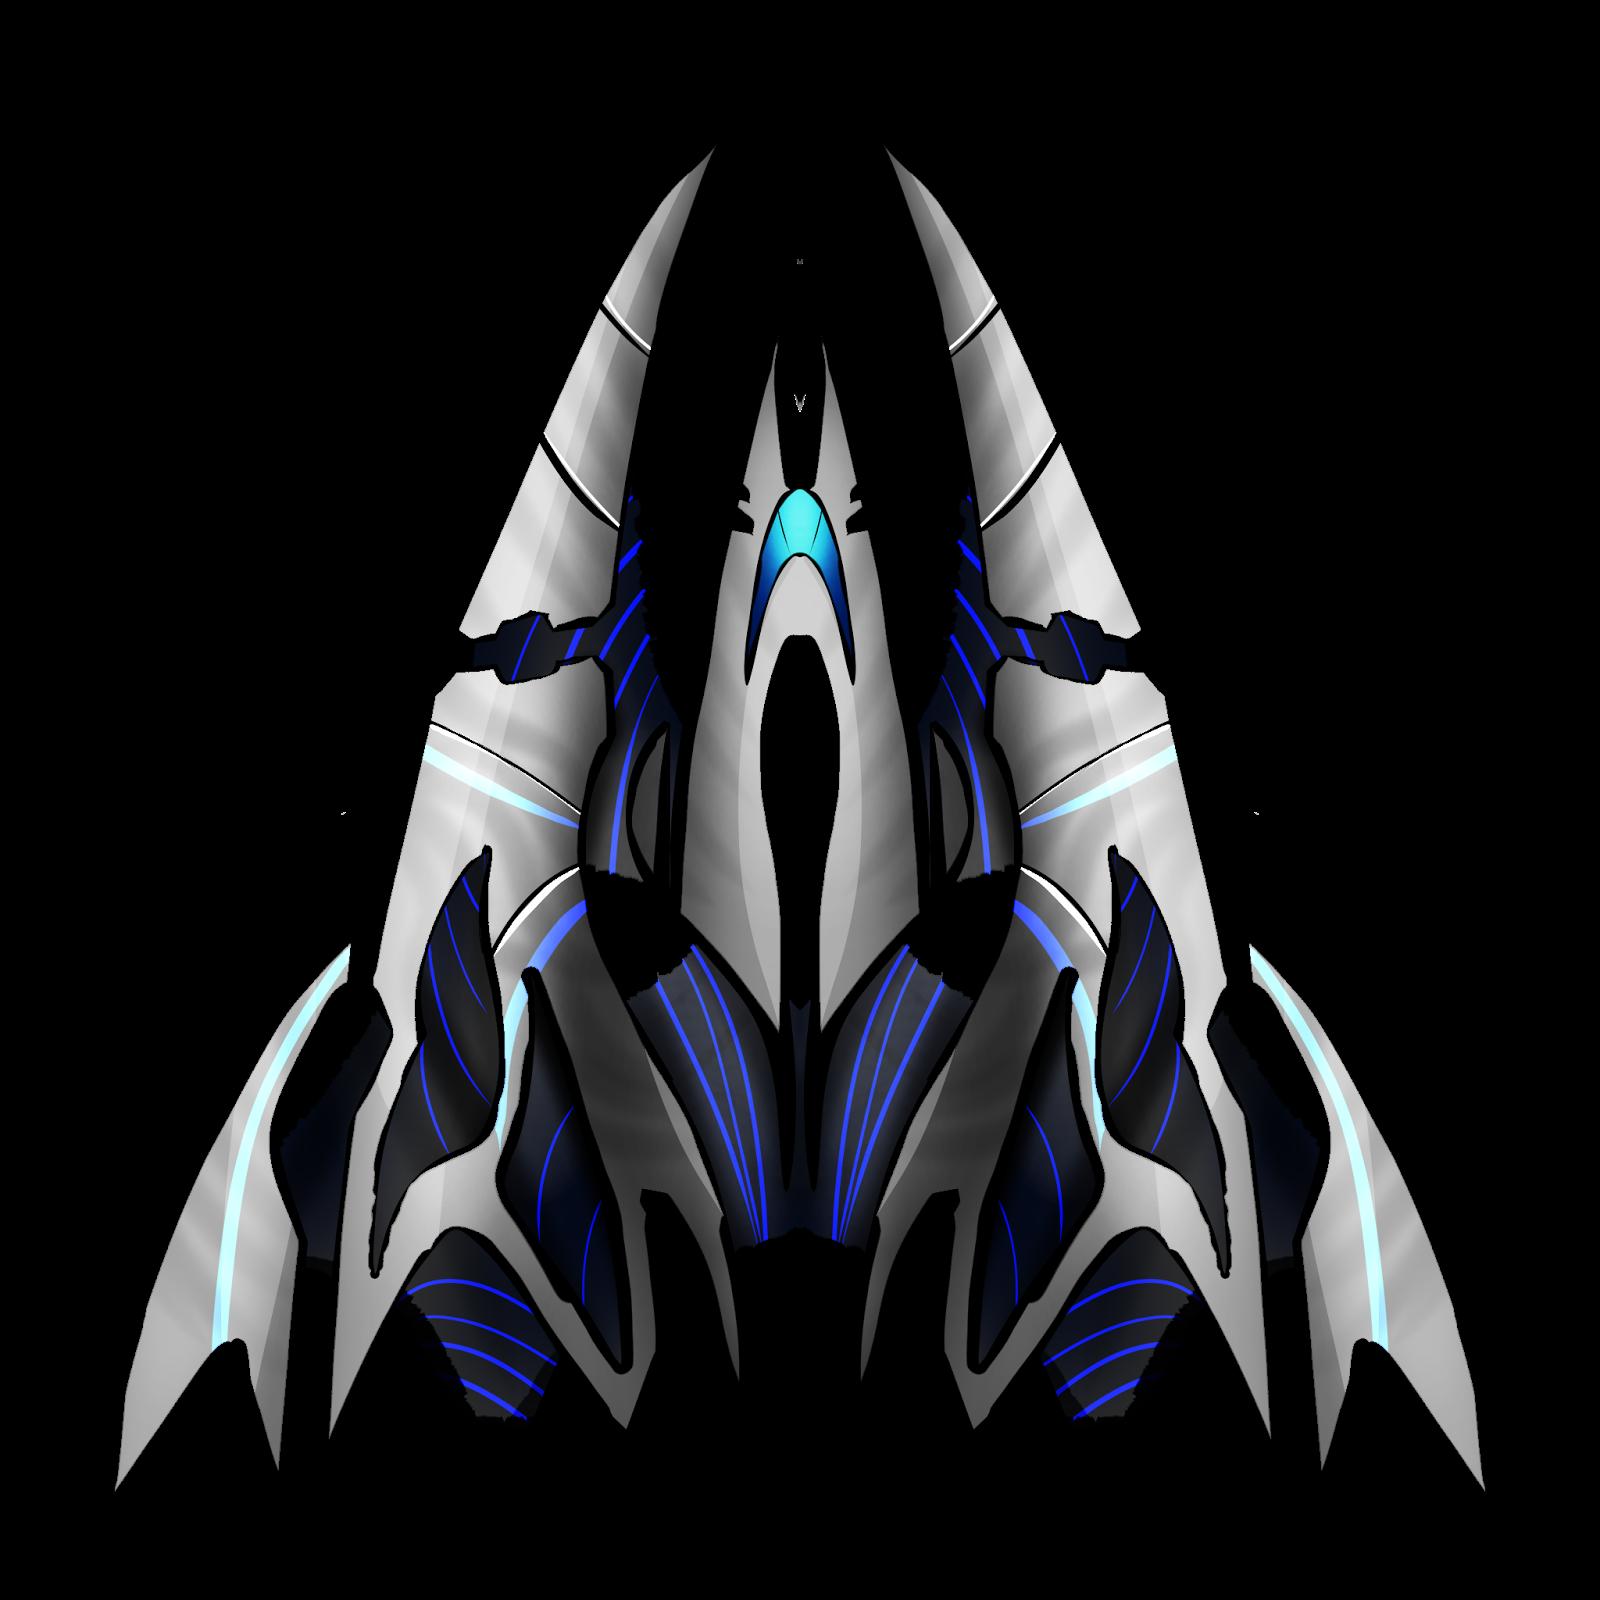 Raumschiff Spiele